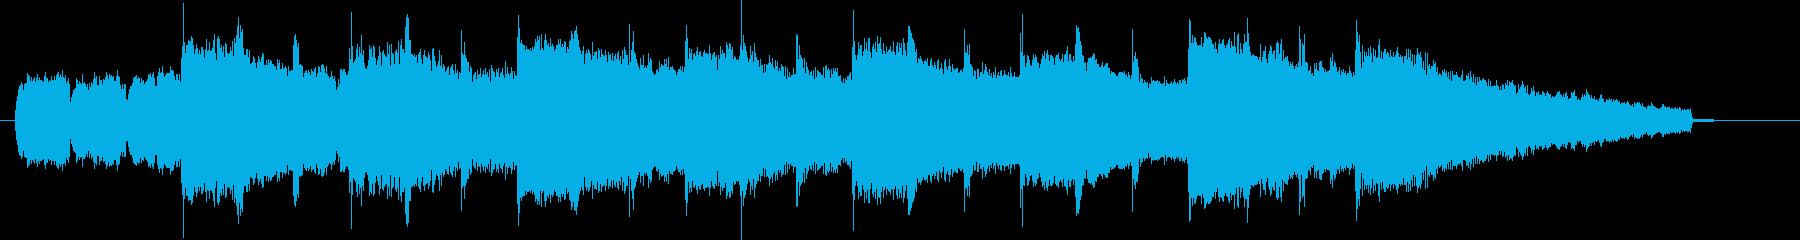 ノスタルジックなアコーディオンのジングルの再生済みの波形